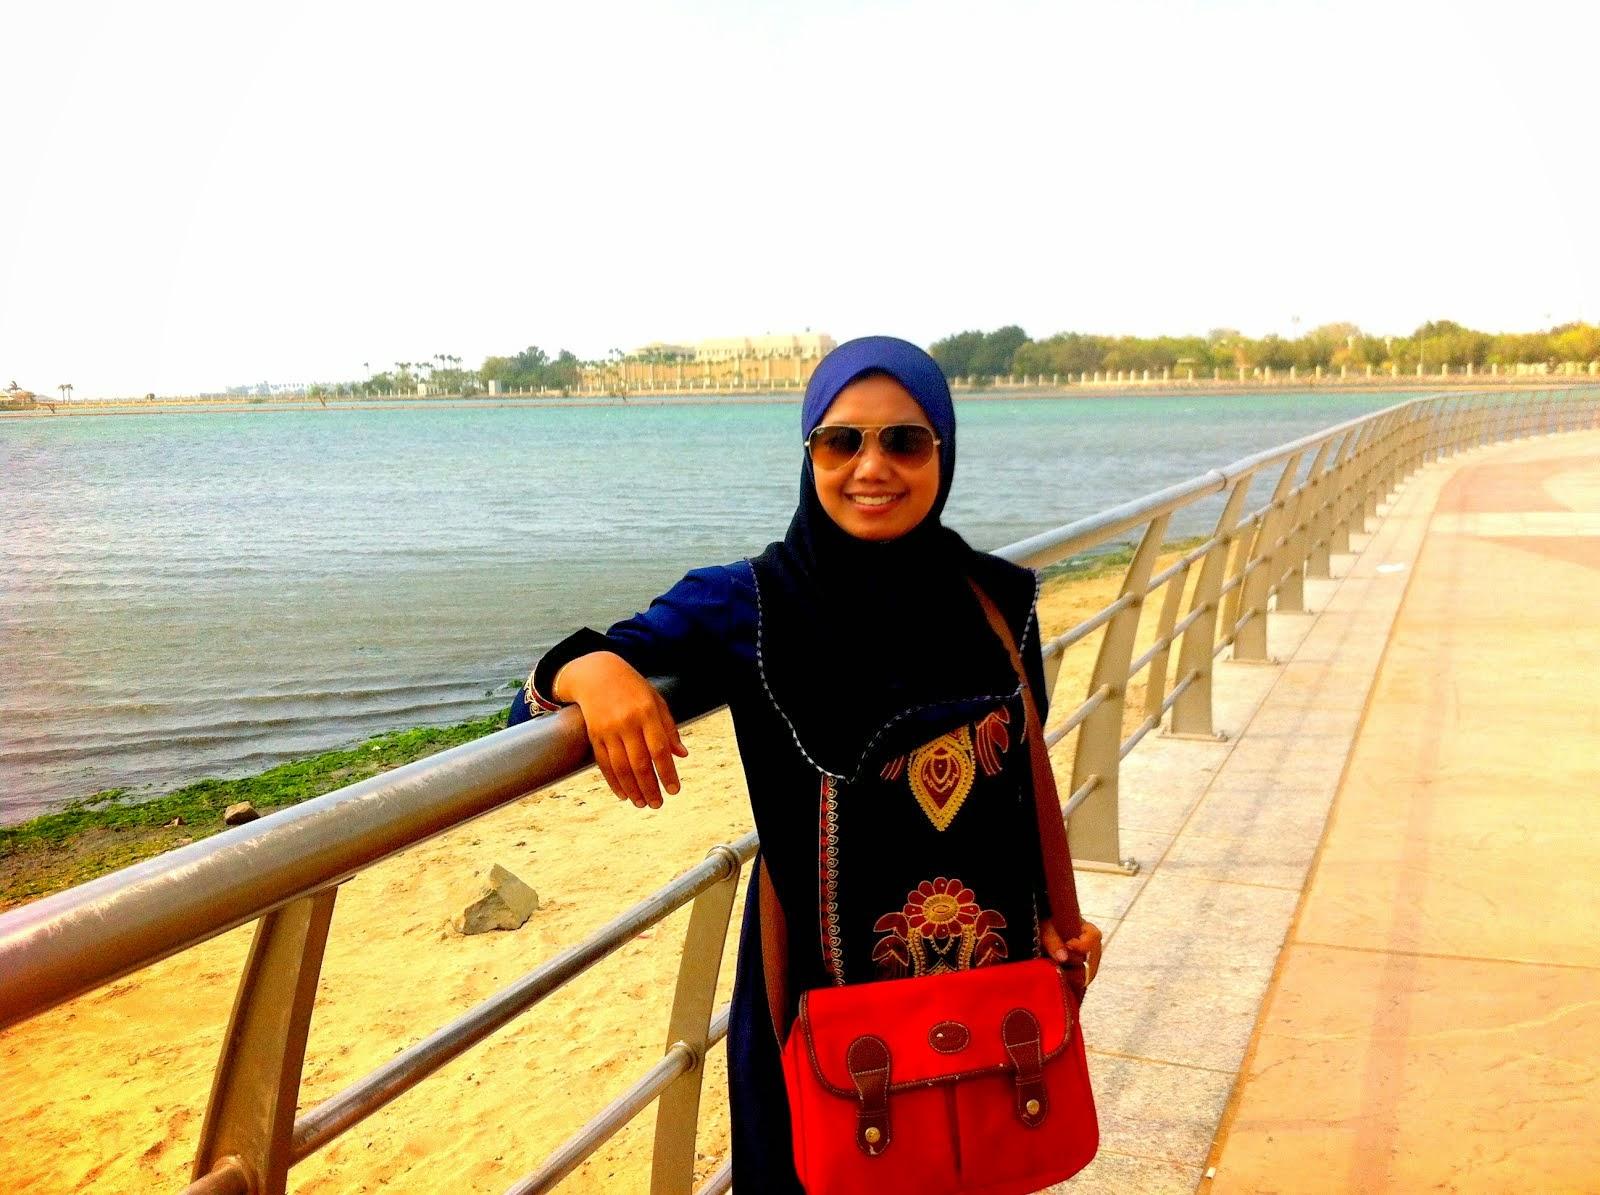 ~jeddah 2014~